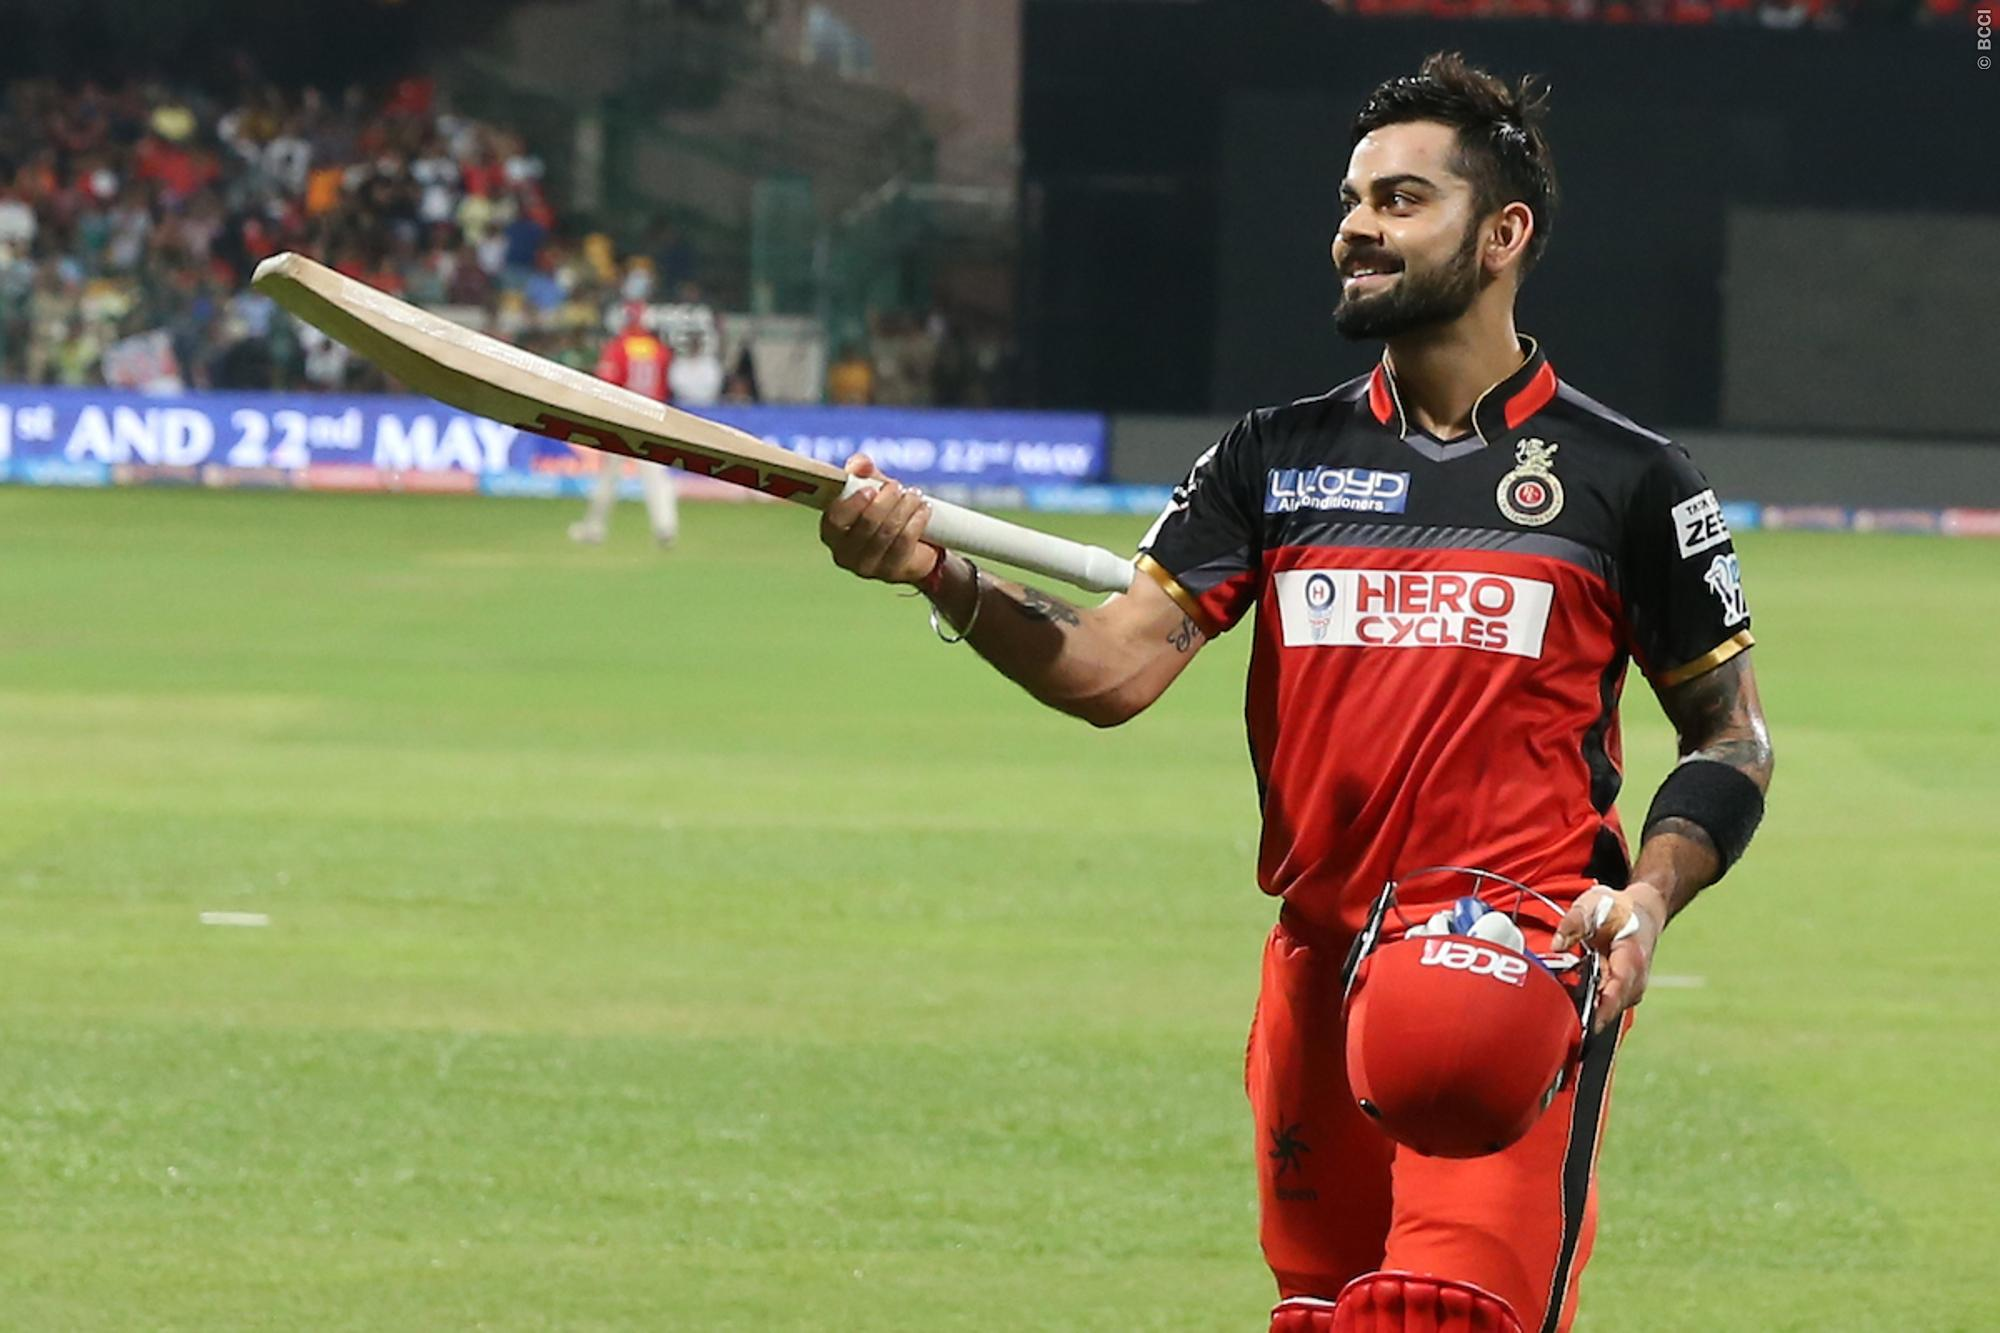 सात वर्षपछि भारतीय क्रिकेट टिममा फरक फरक कप्तान हुँदै